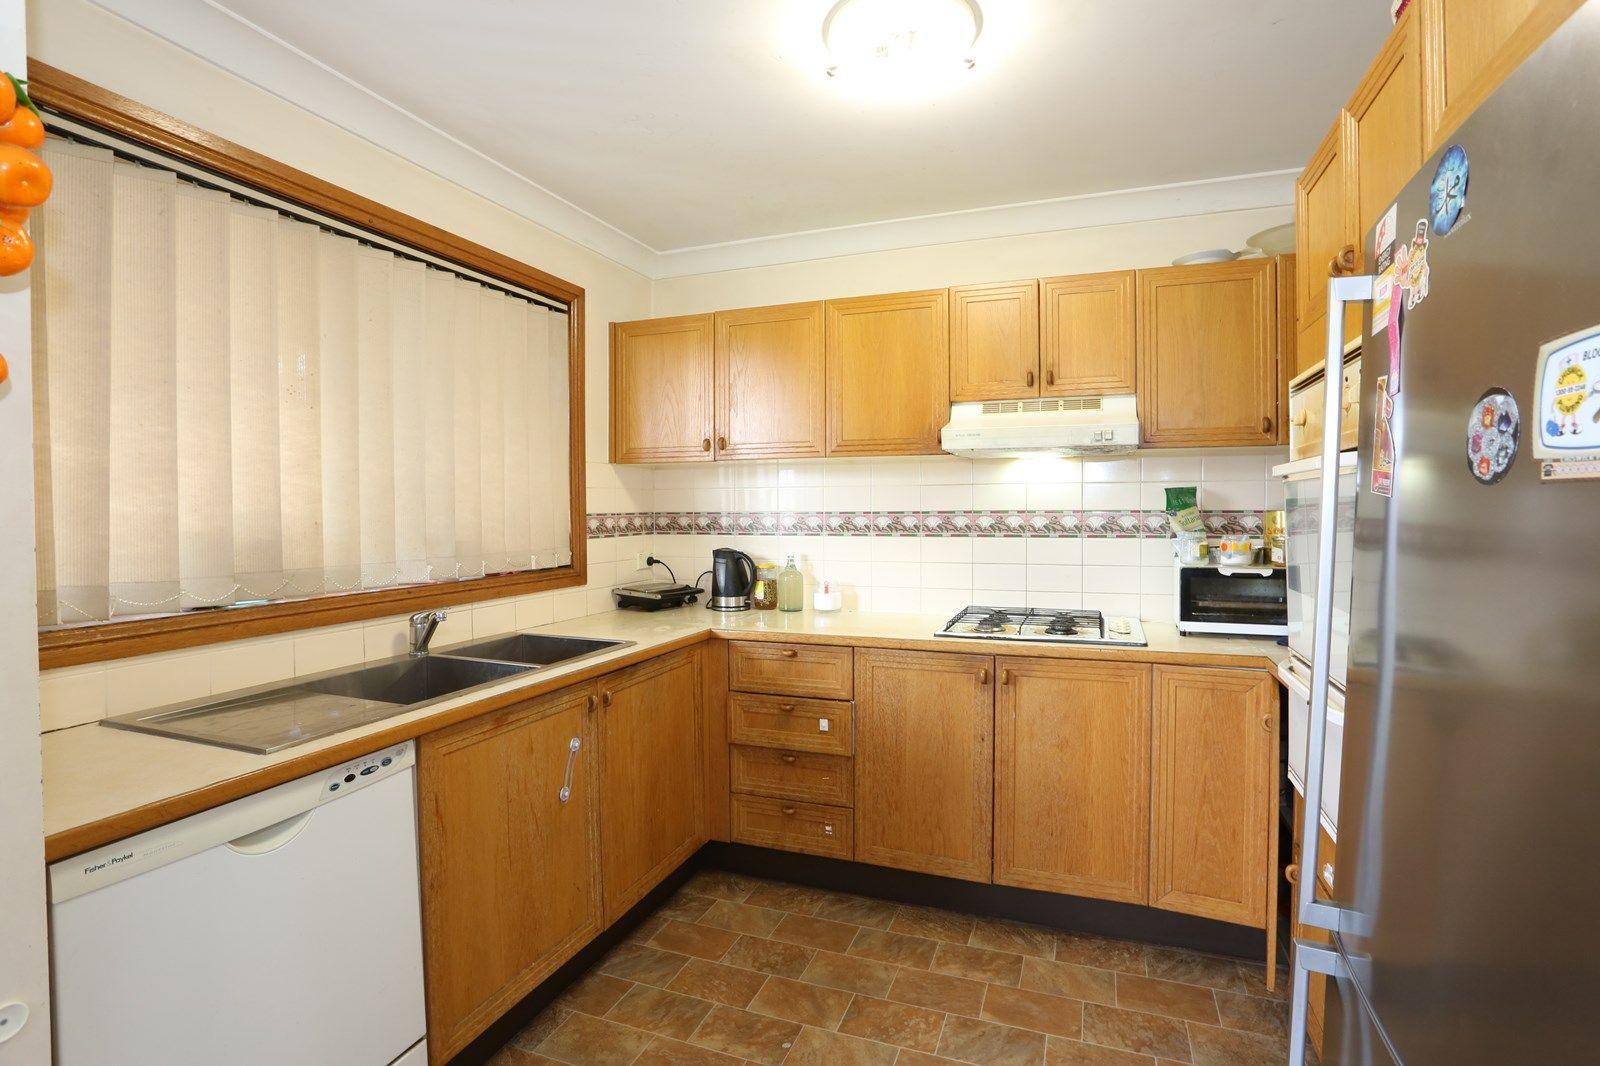 2/32 Otto Street, Merrylands NSW 2160, Image 2